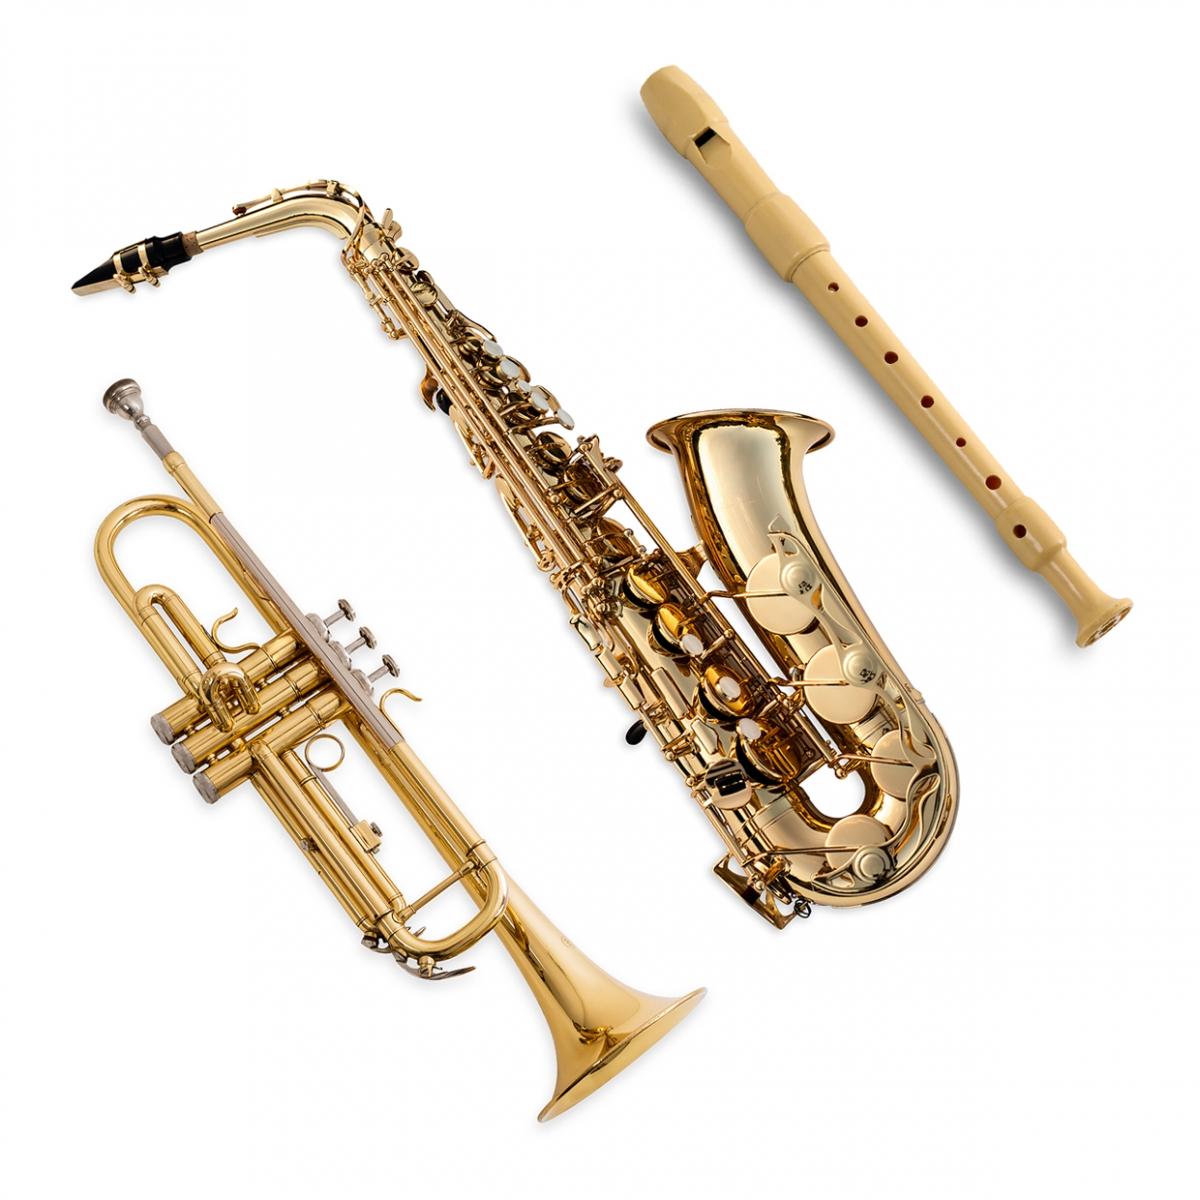 Imagen en la que aparece el concepto genérico de instrumentos de viento